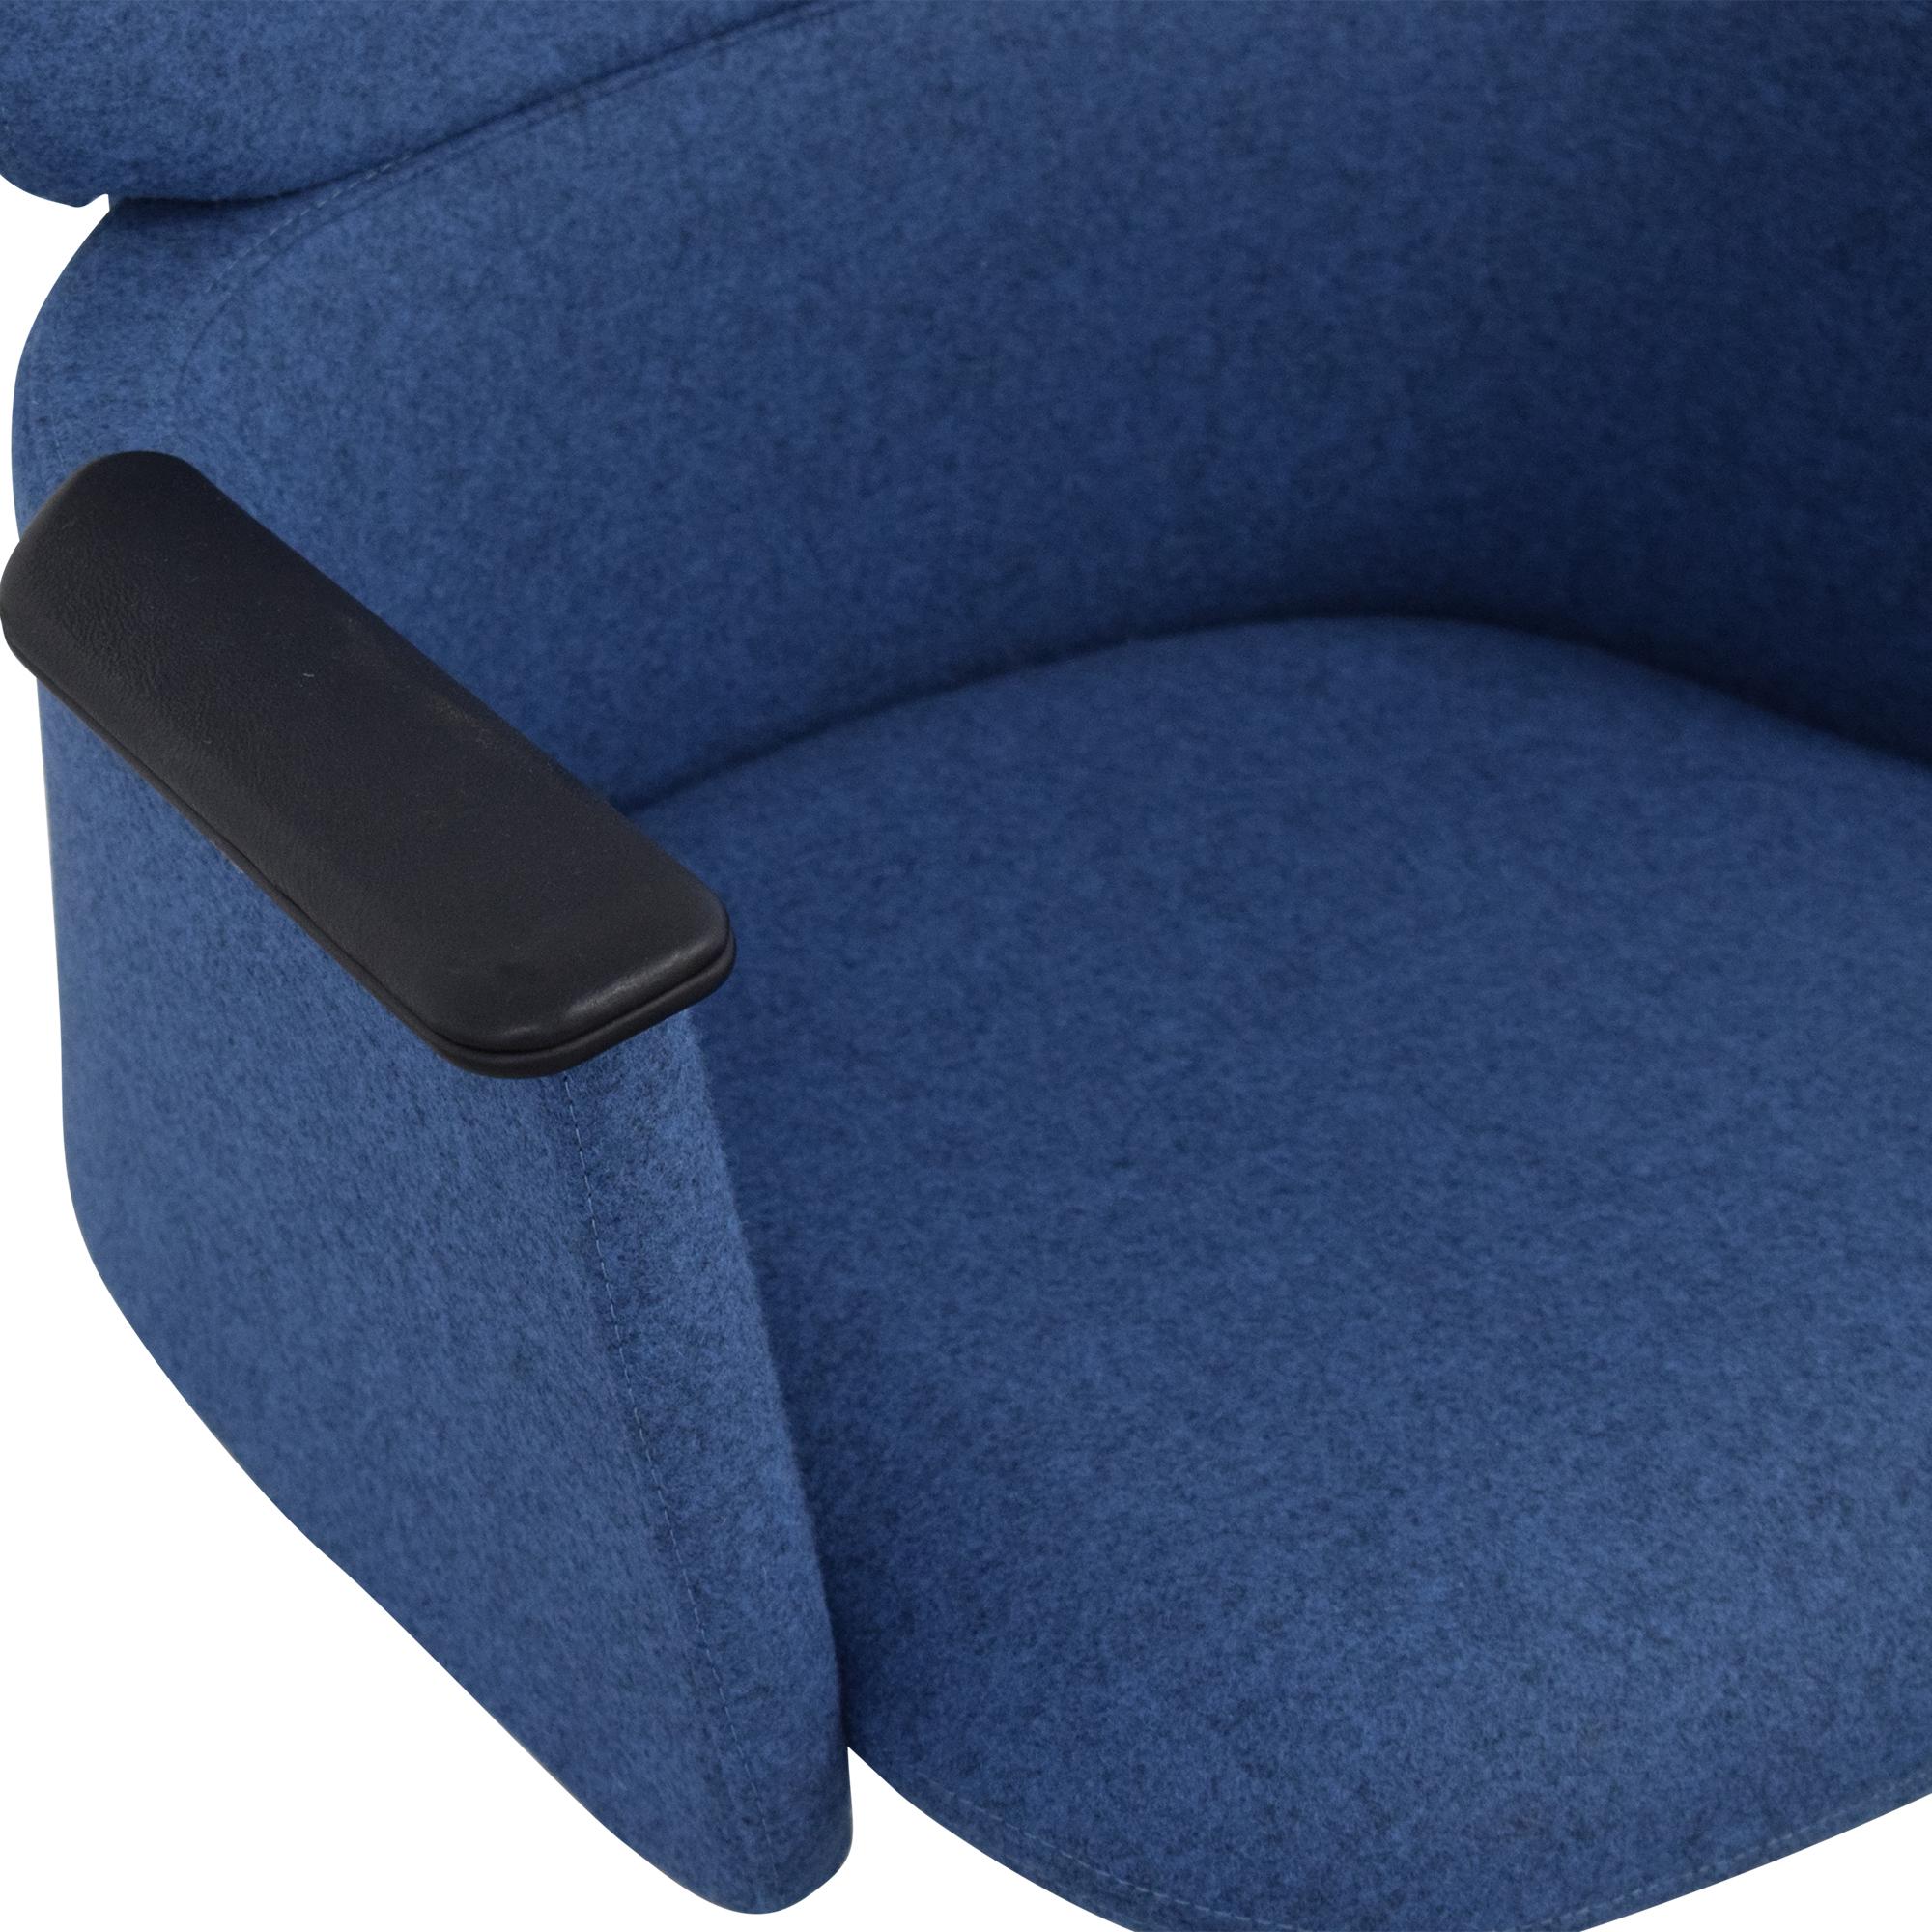 Koleksiyon Koleksiyon Tola Visitor Chair used